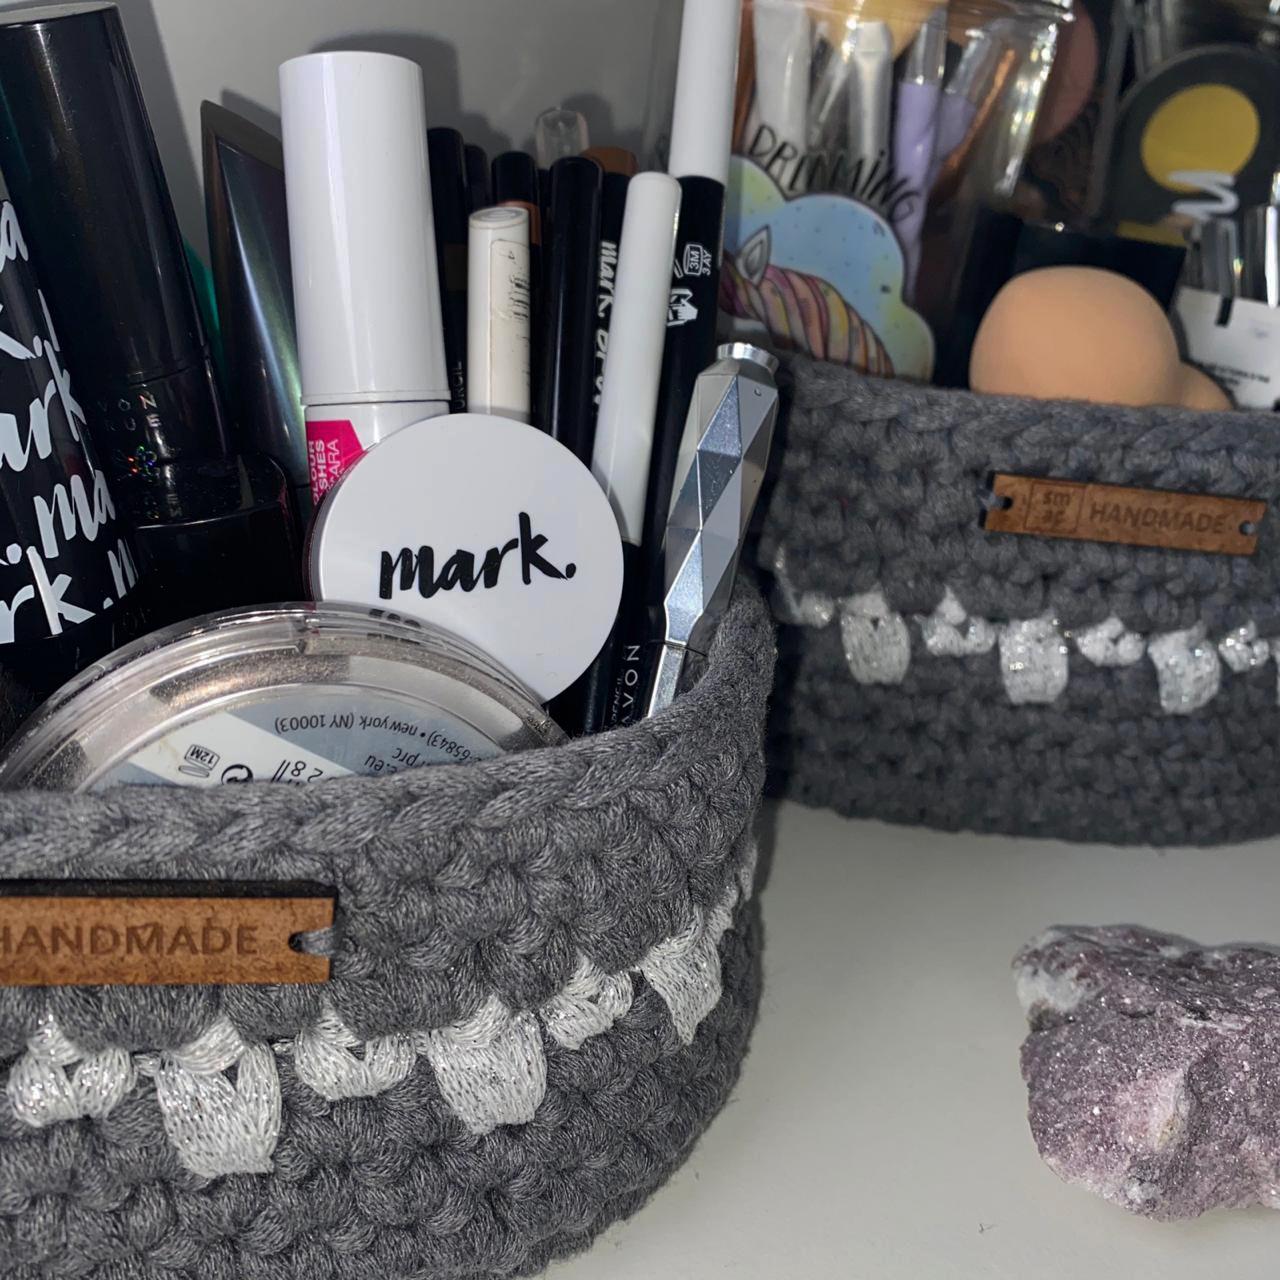 Crochet Baskets for makeup